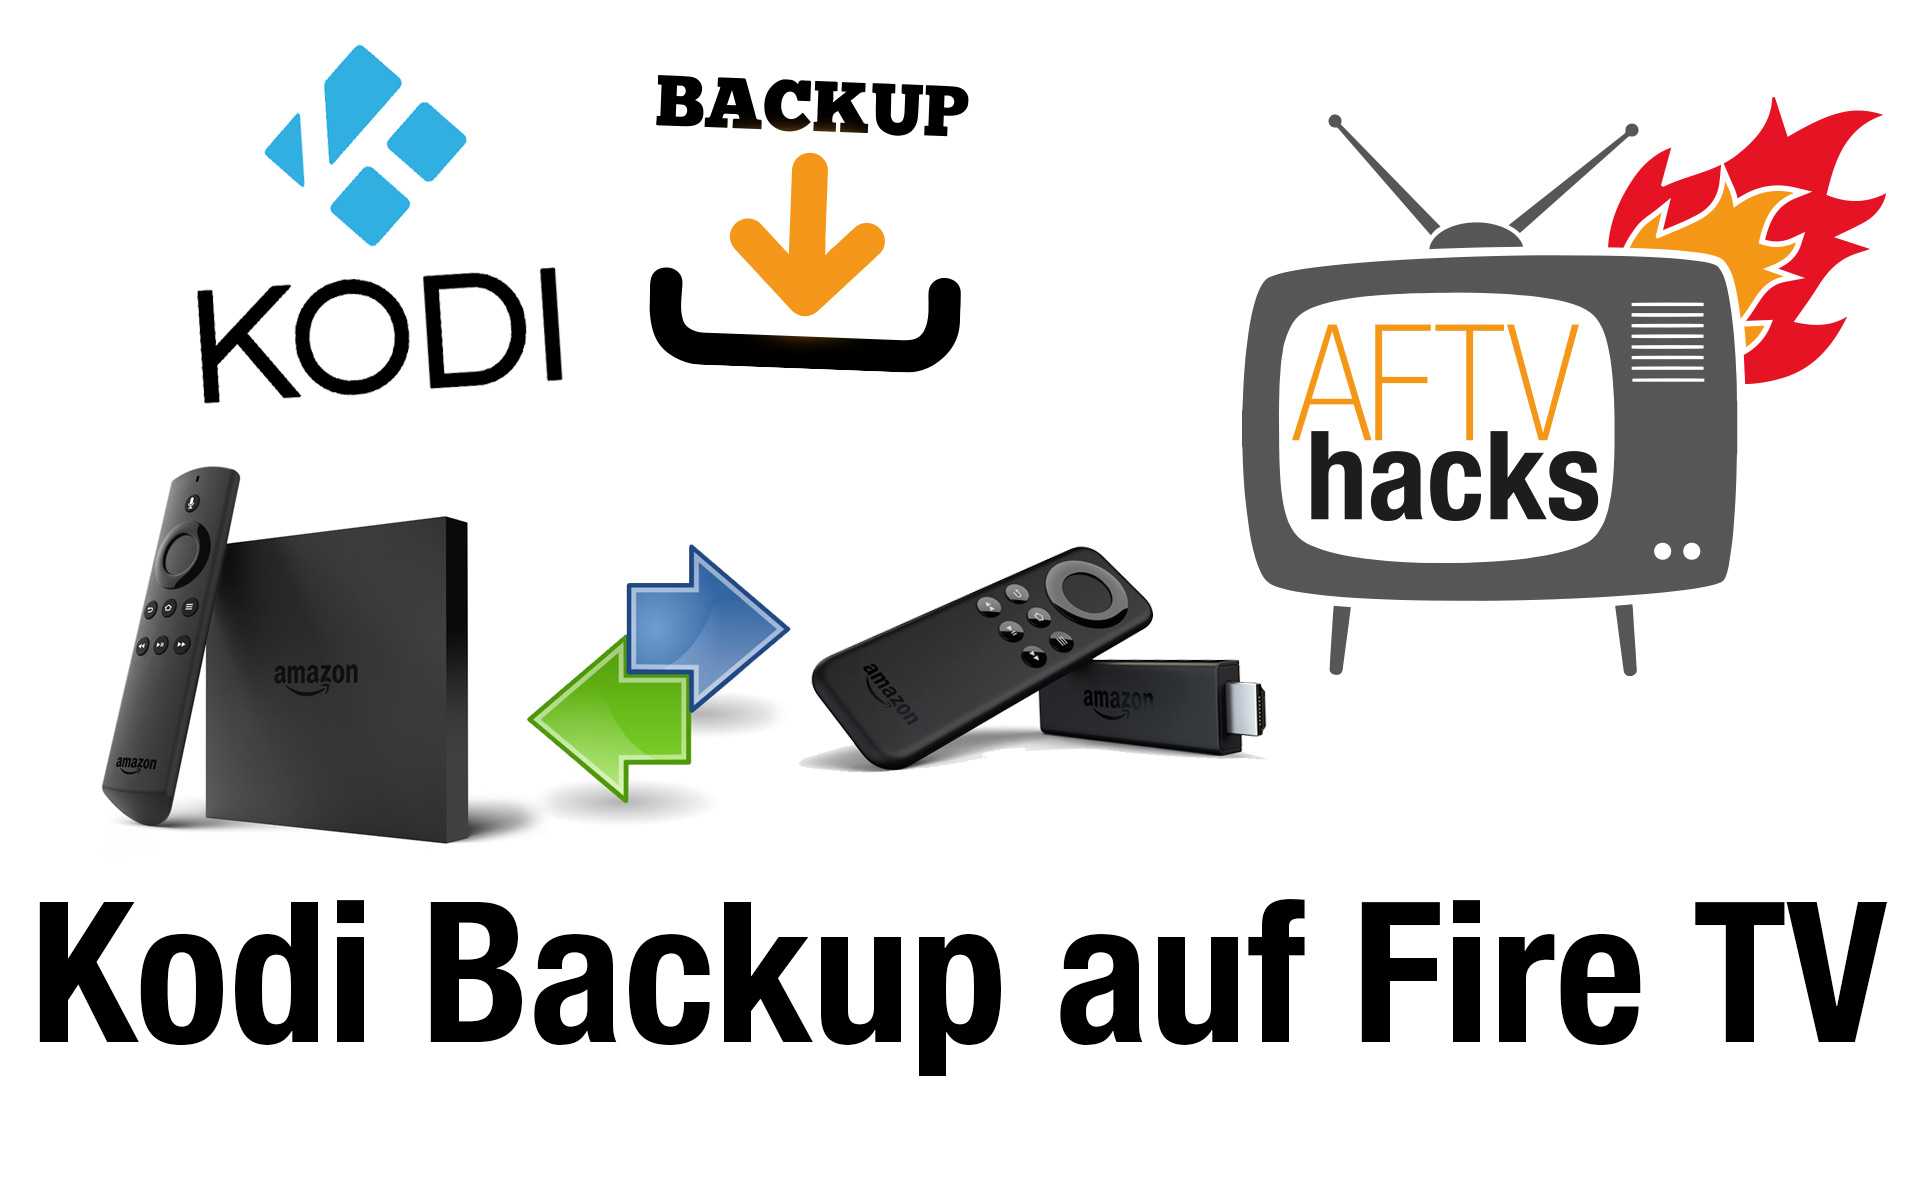 Kodi Backup erstellen & auf gleichem / anderem Fire TV zurücksichern<